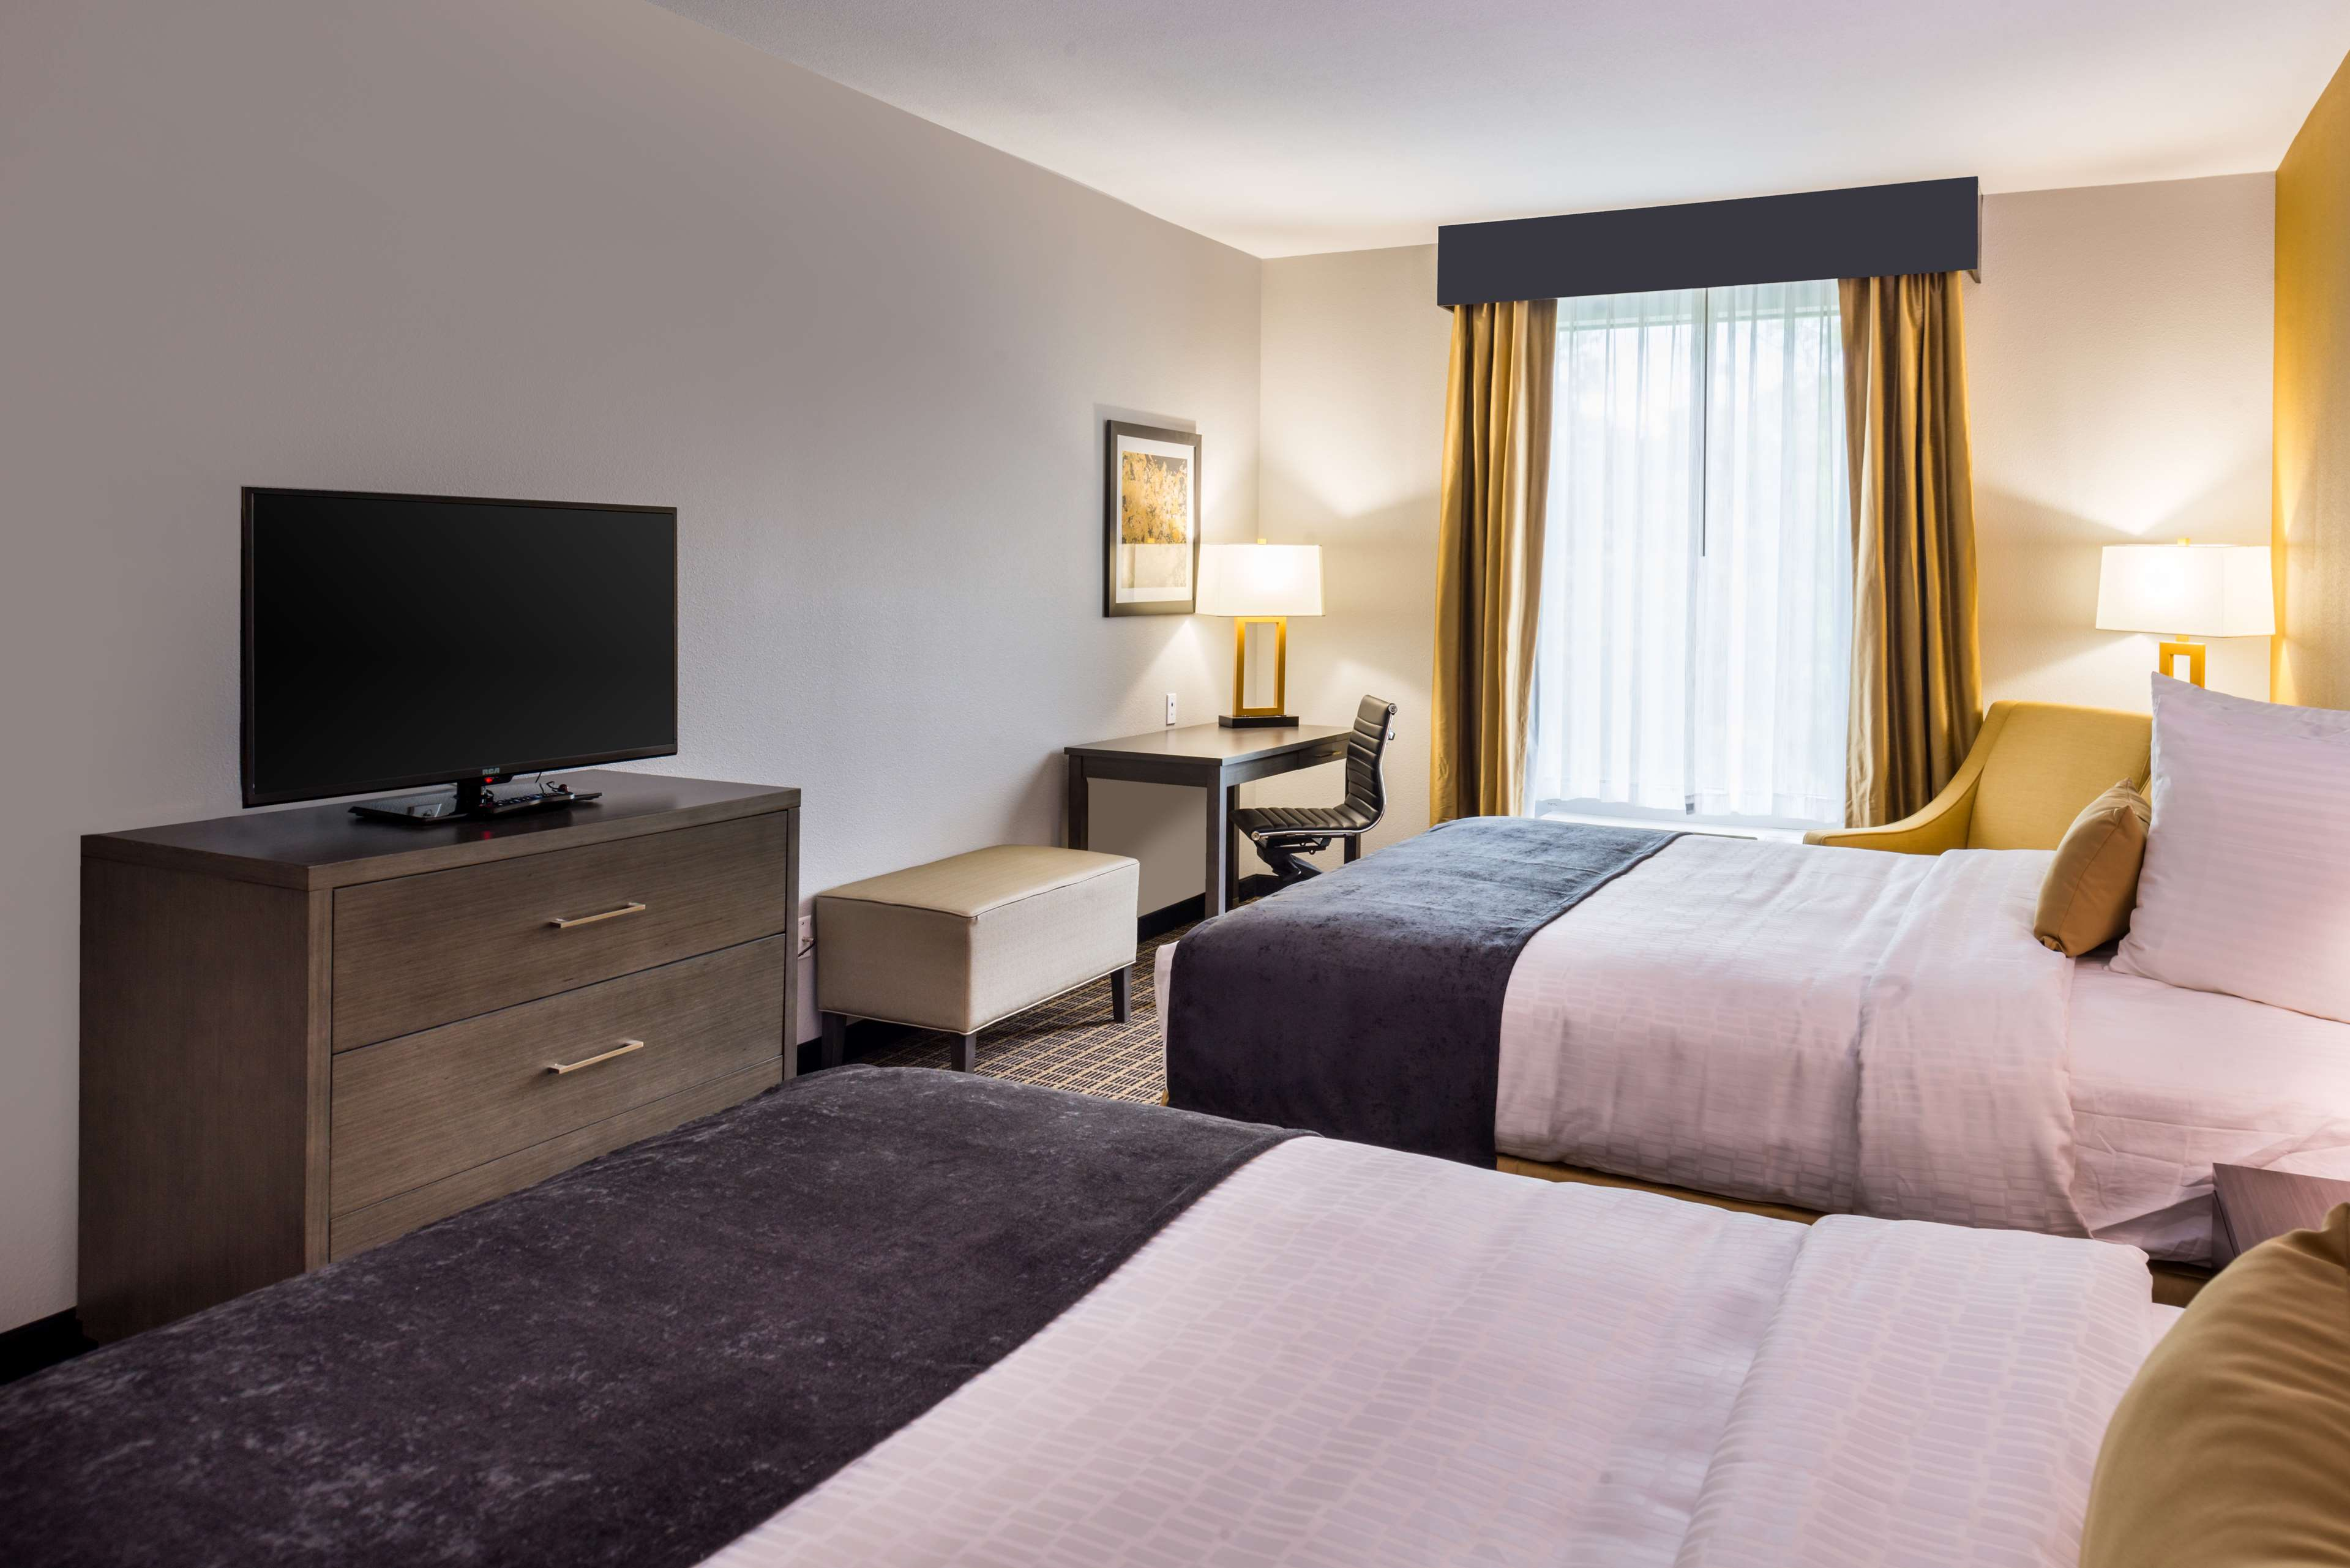 Best Western Plus Regency Park Hotel image 49